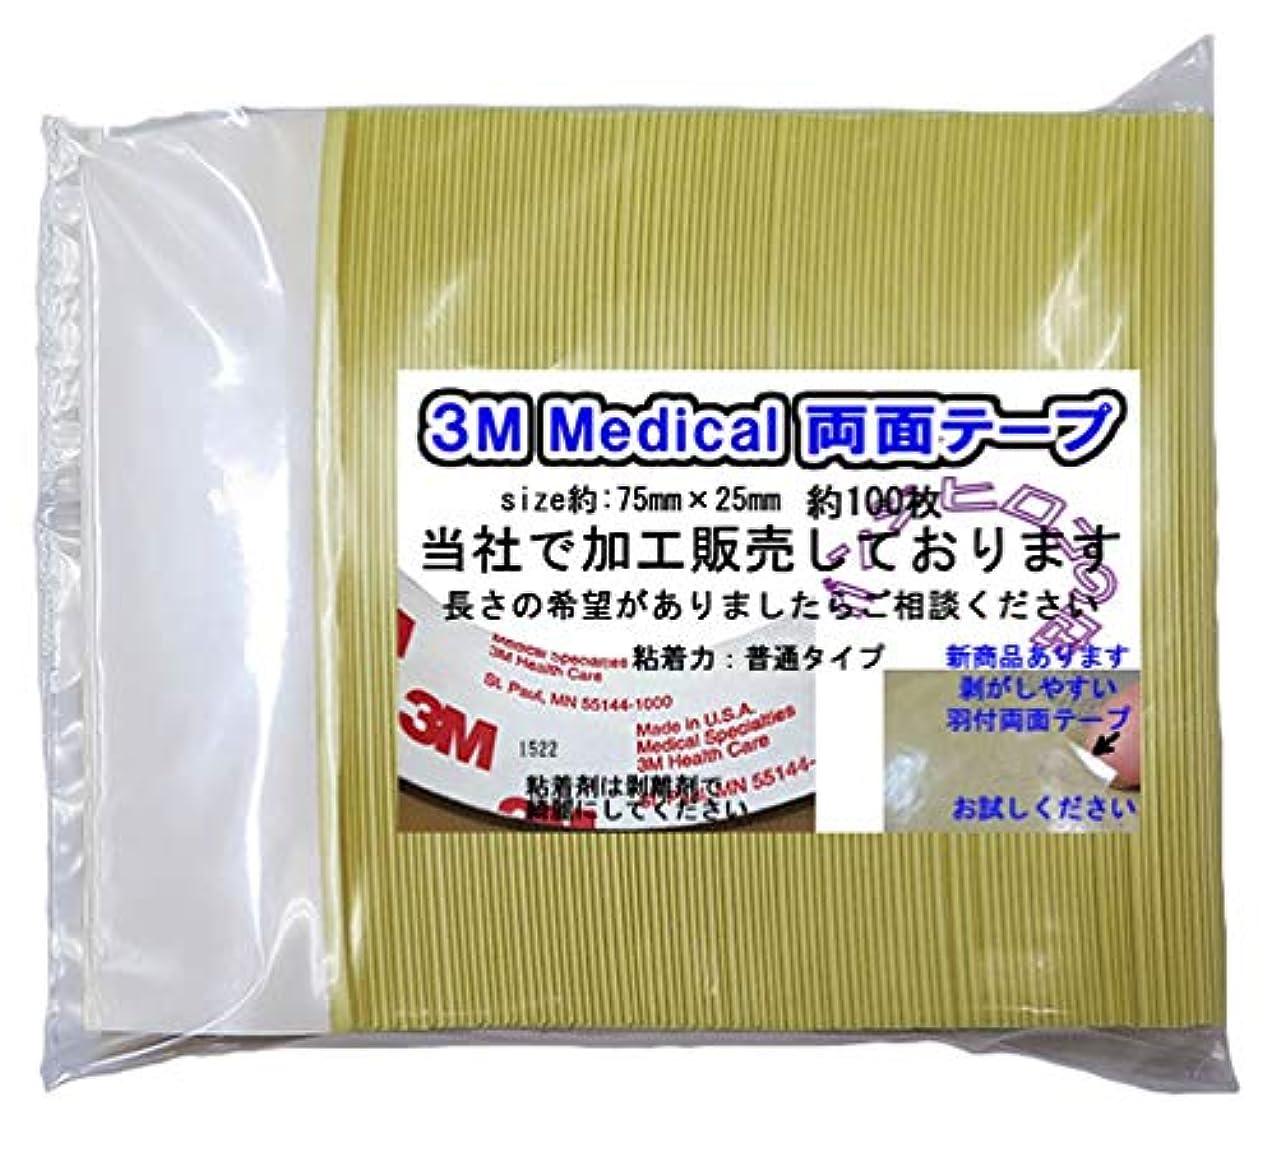 予防接種するモンスター不快3Mかつら両面テープ約100枚